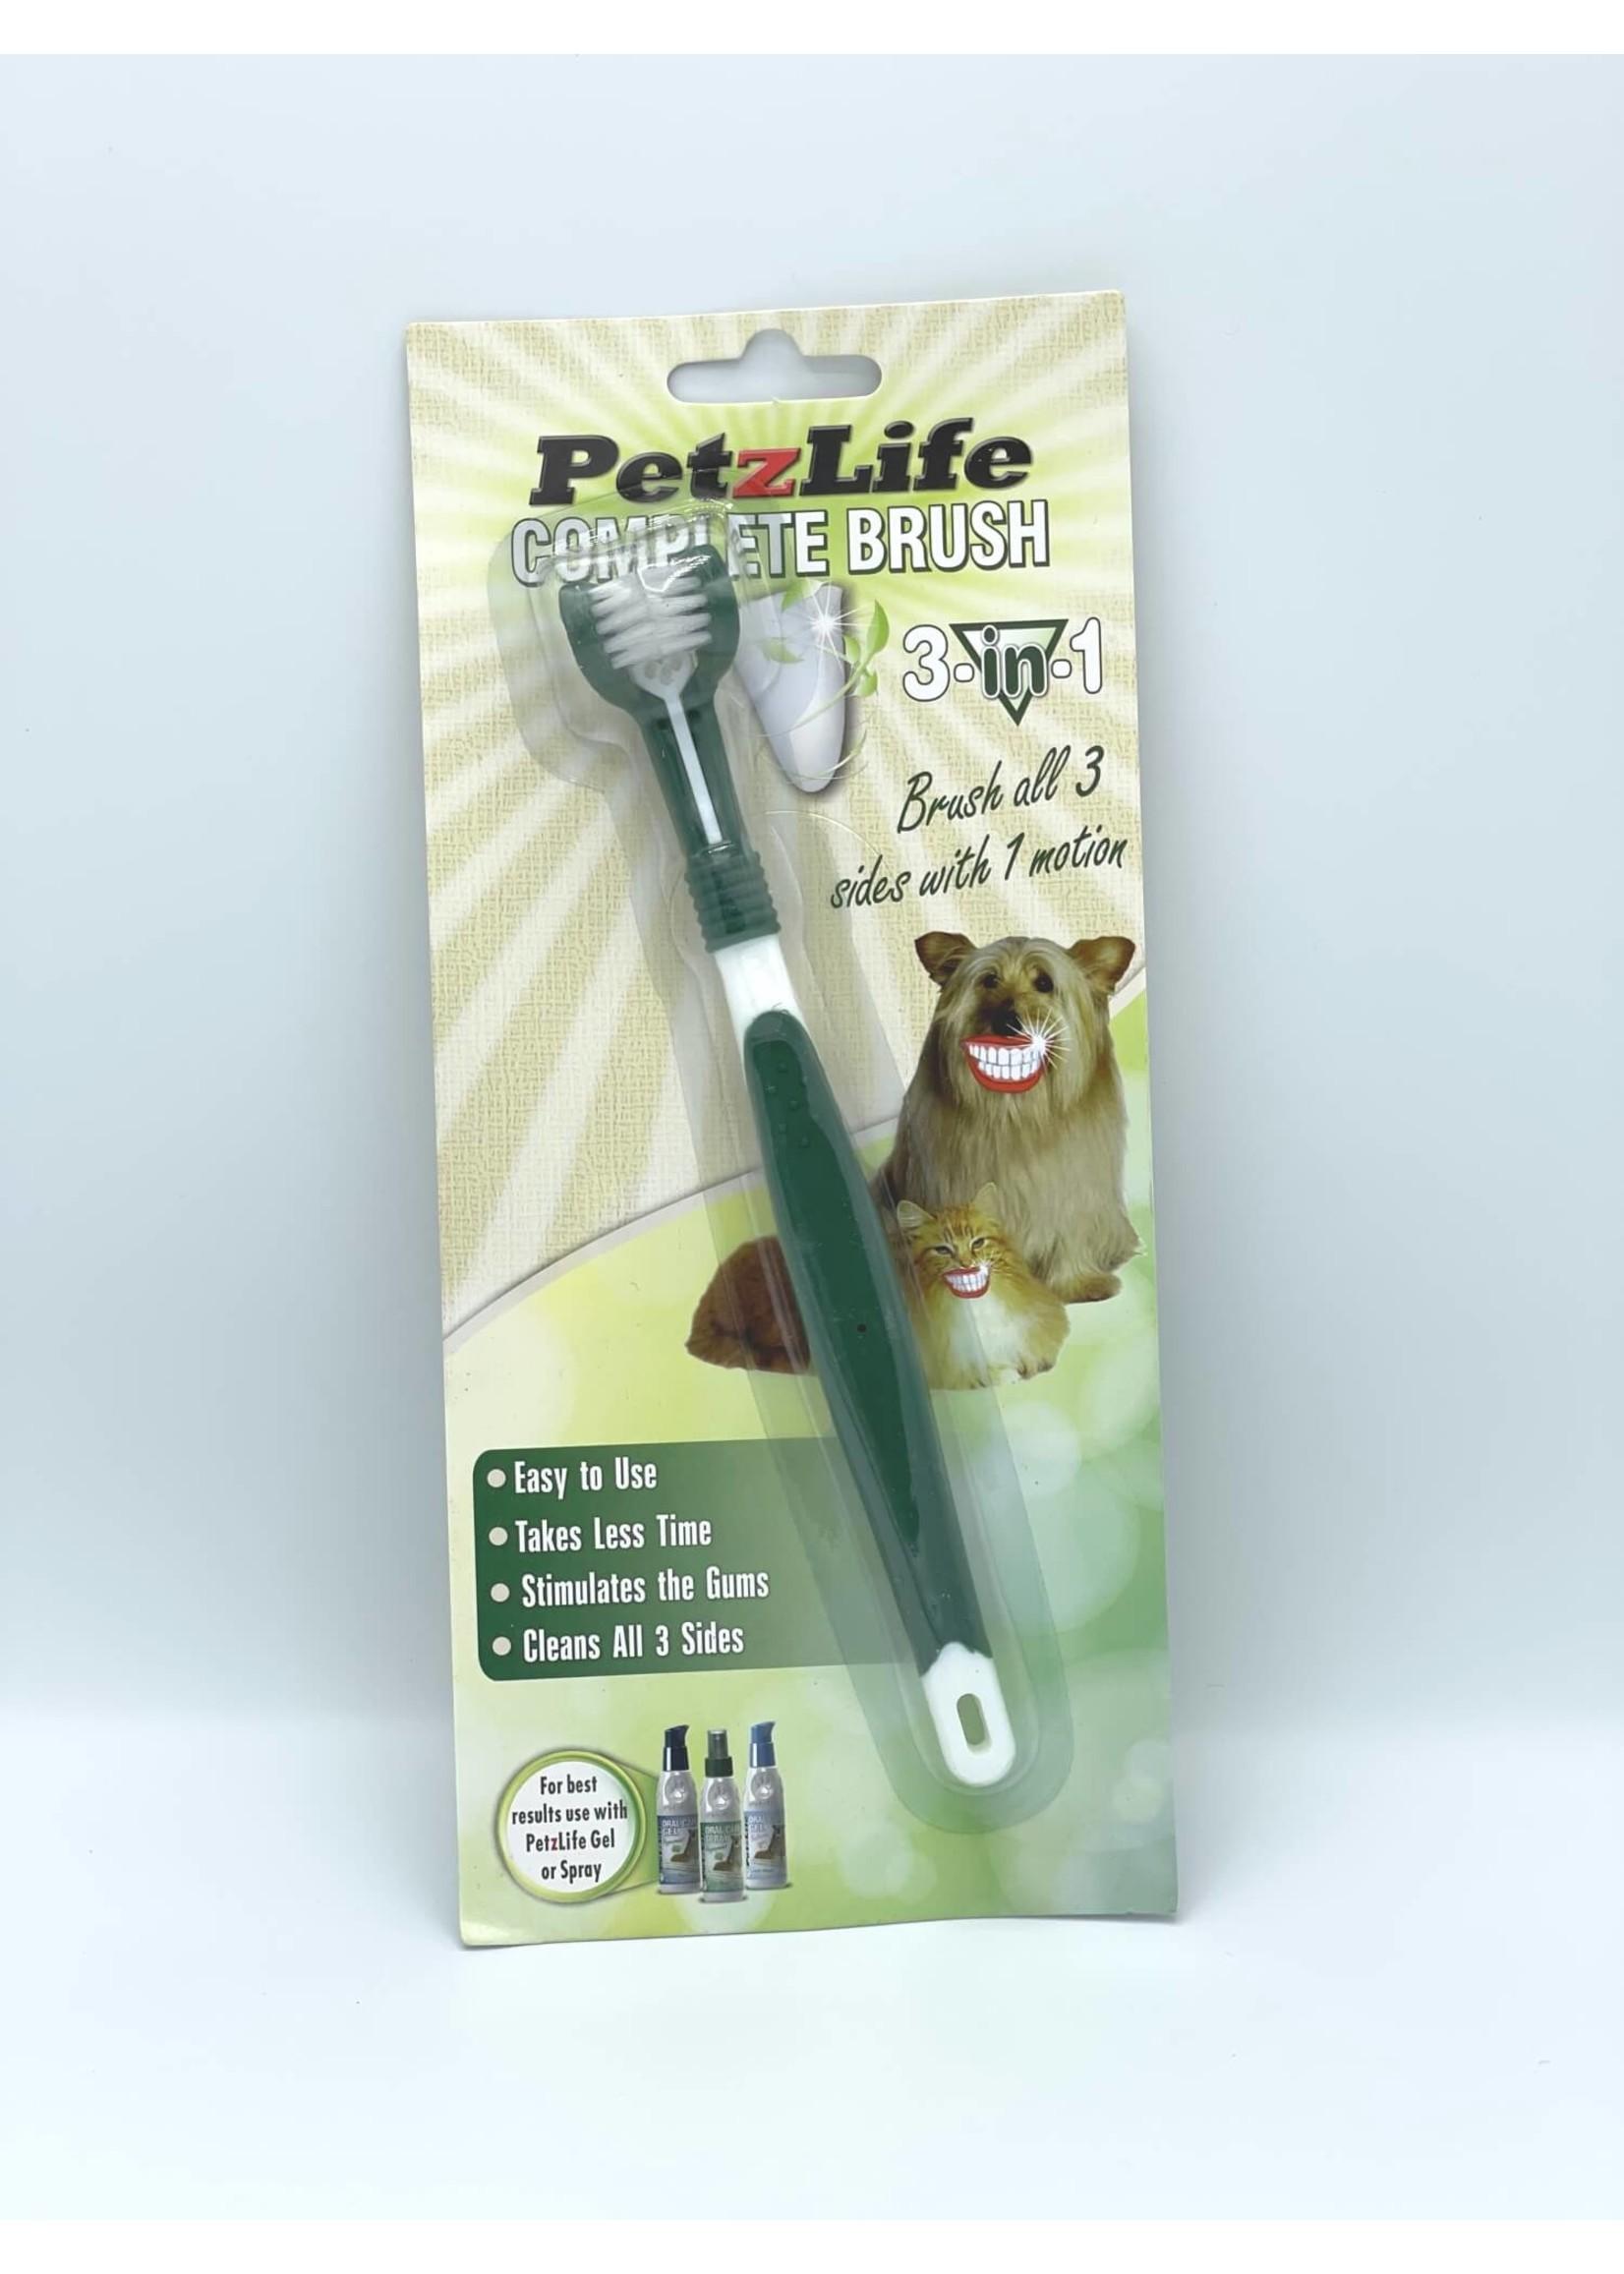 Petzlife PetzLife Complete Toothbrush